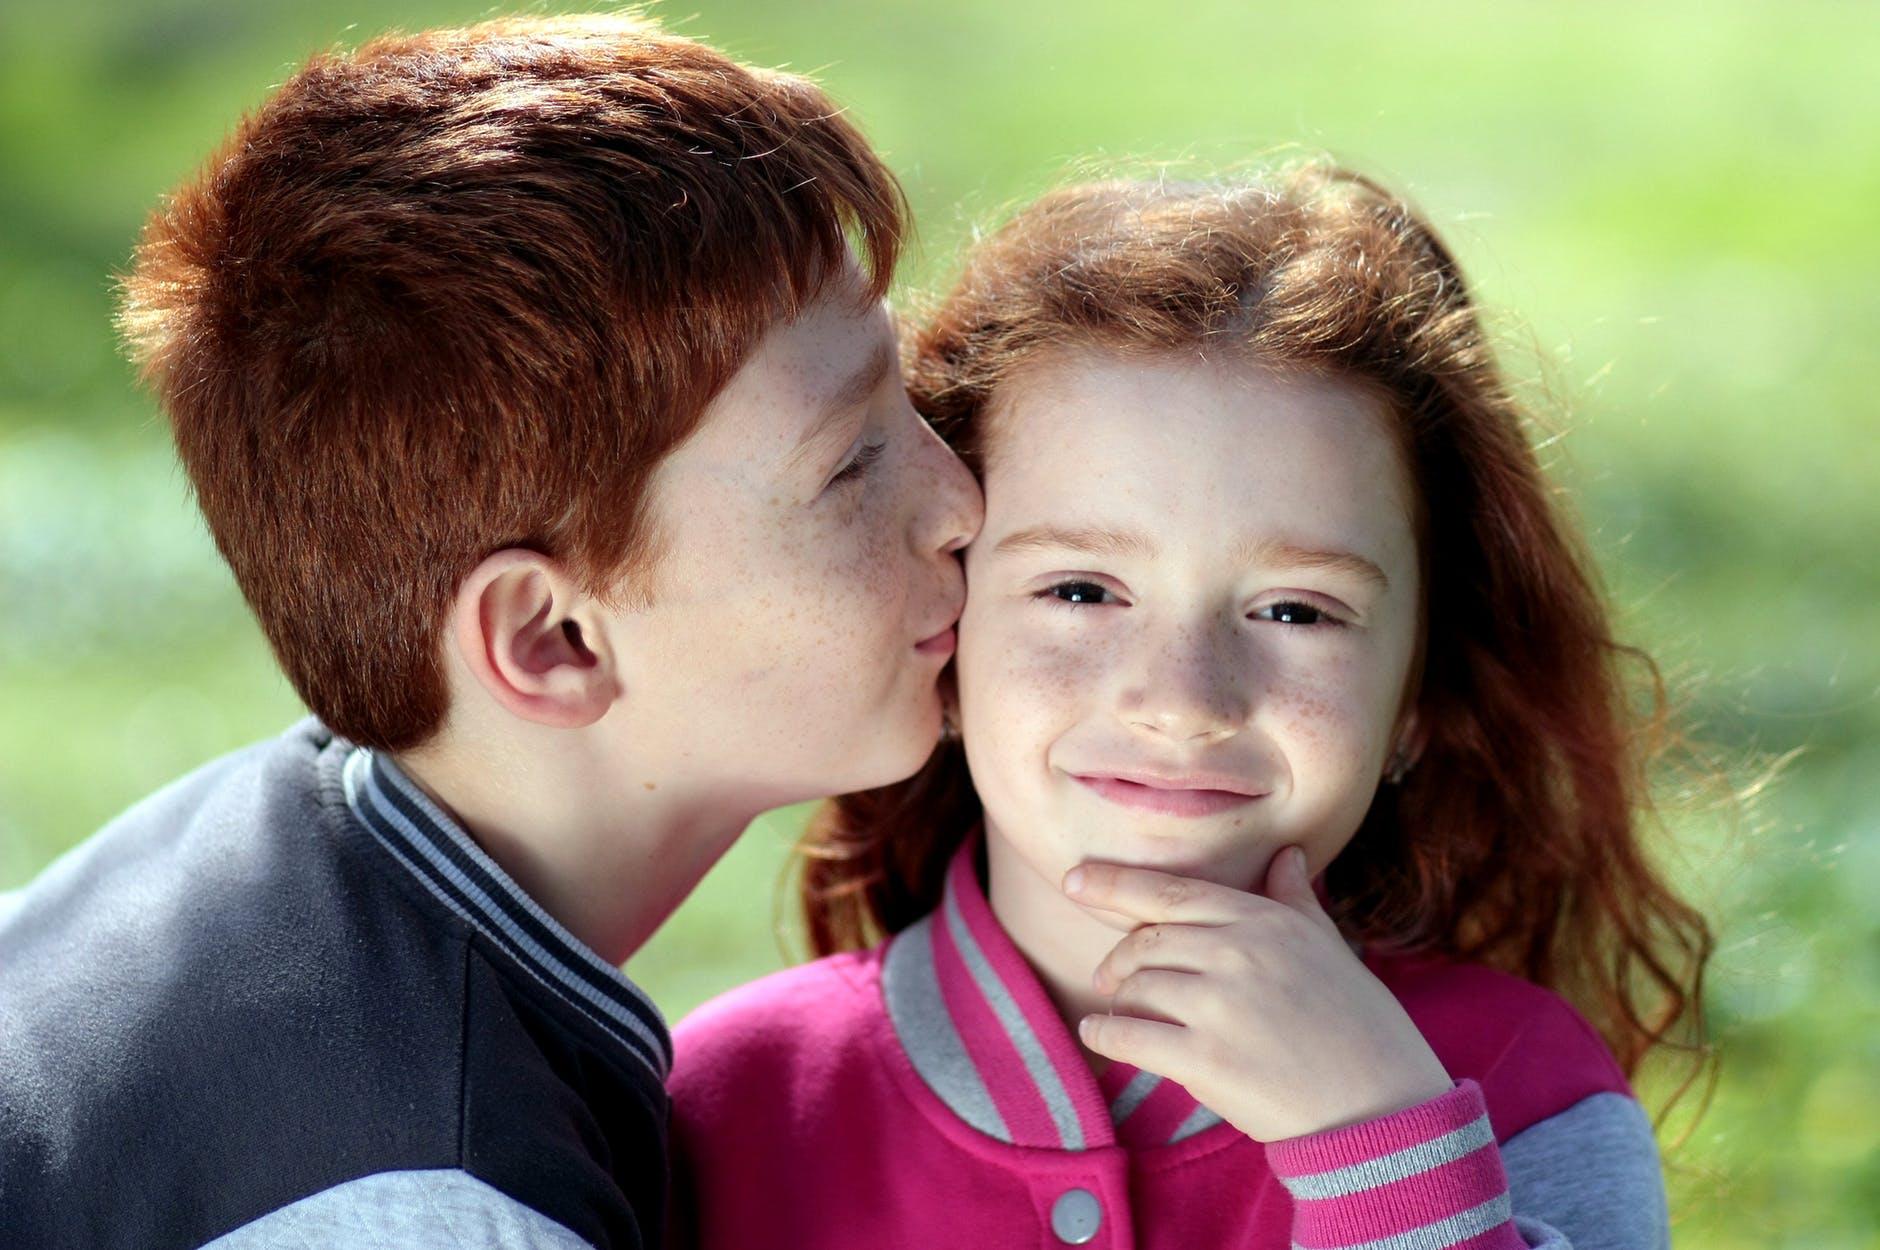 πράγματα που πρέπει να ξέρετε όταν βγαίνετε με ένα μικρό κορίτσικοπάδι σε απευθείας σύνδεση dating